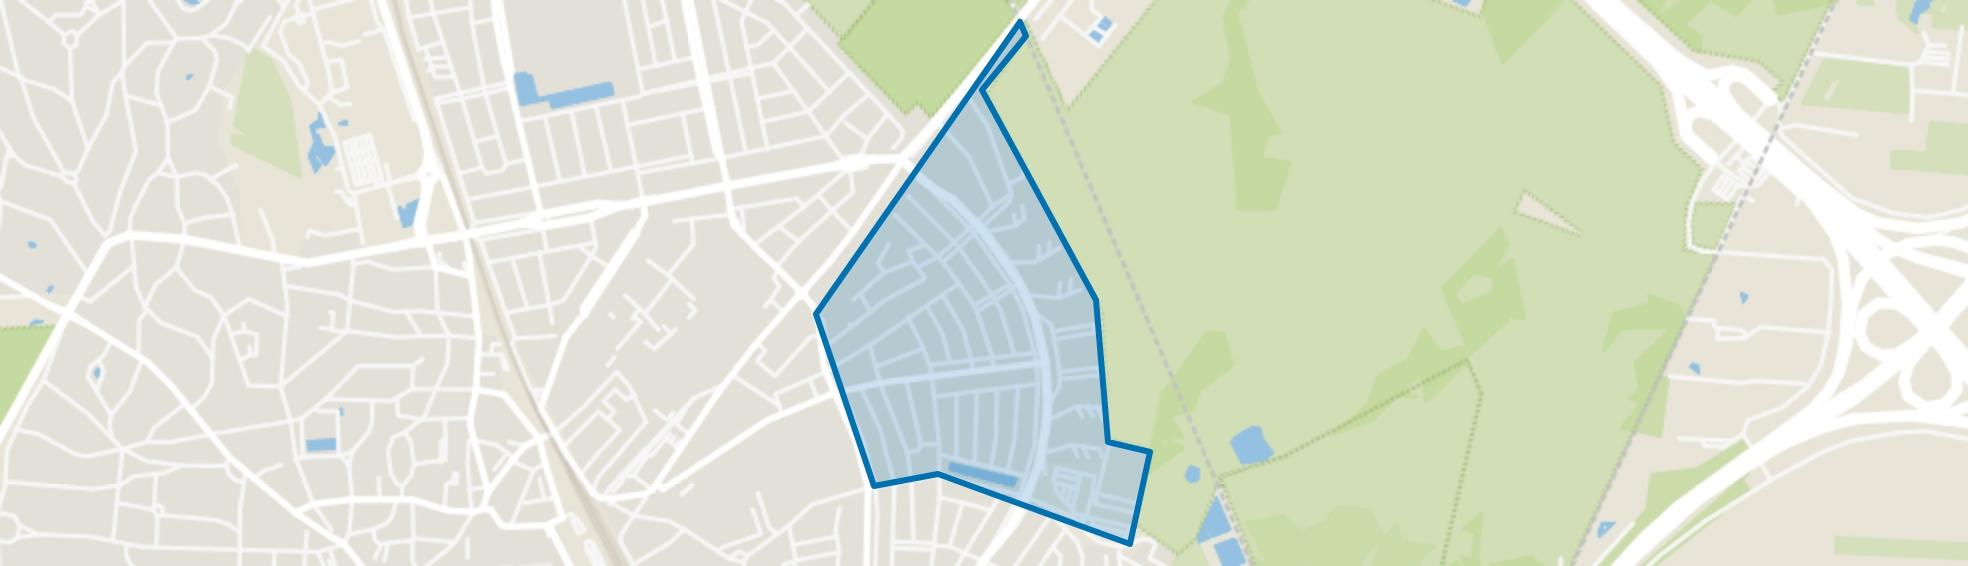 Astronomische Buurt, Hilversum map